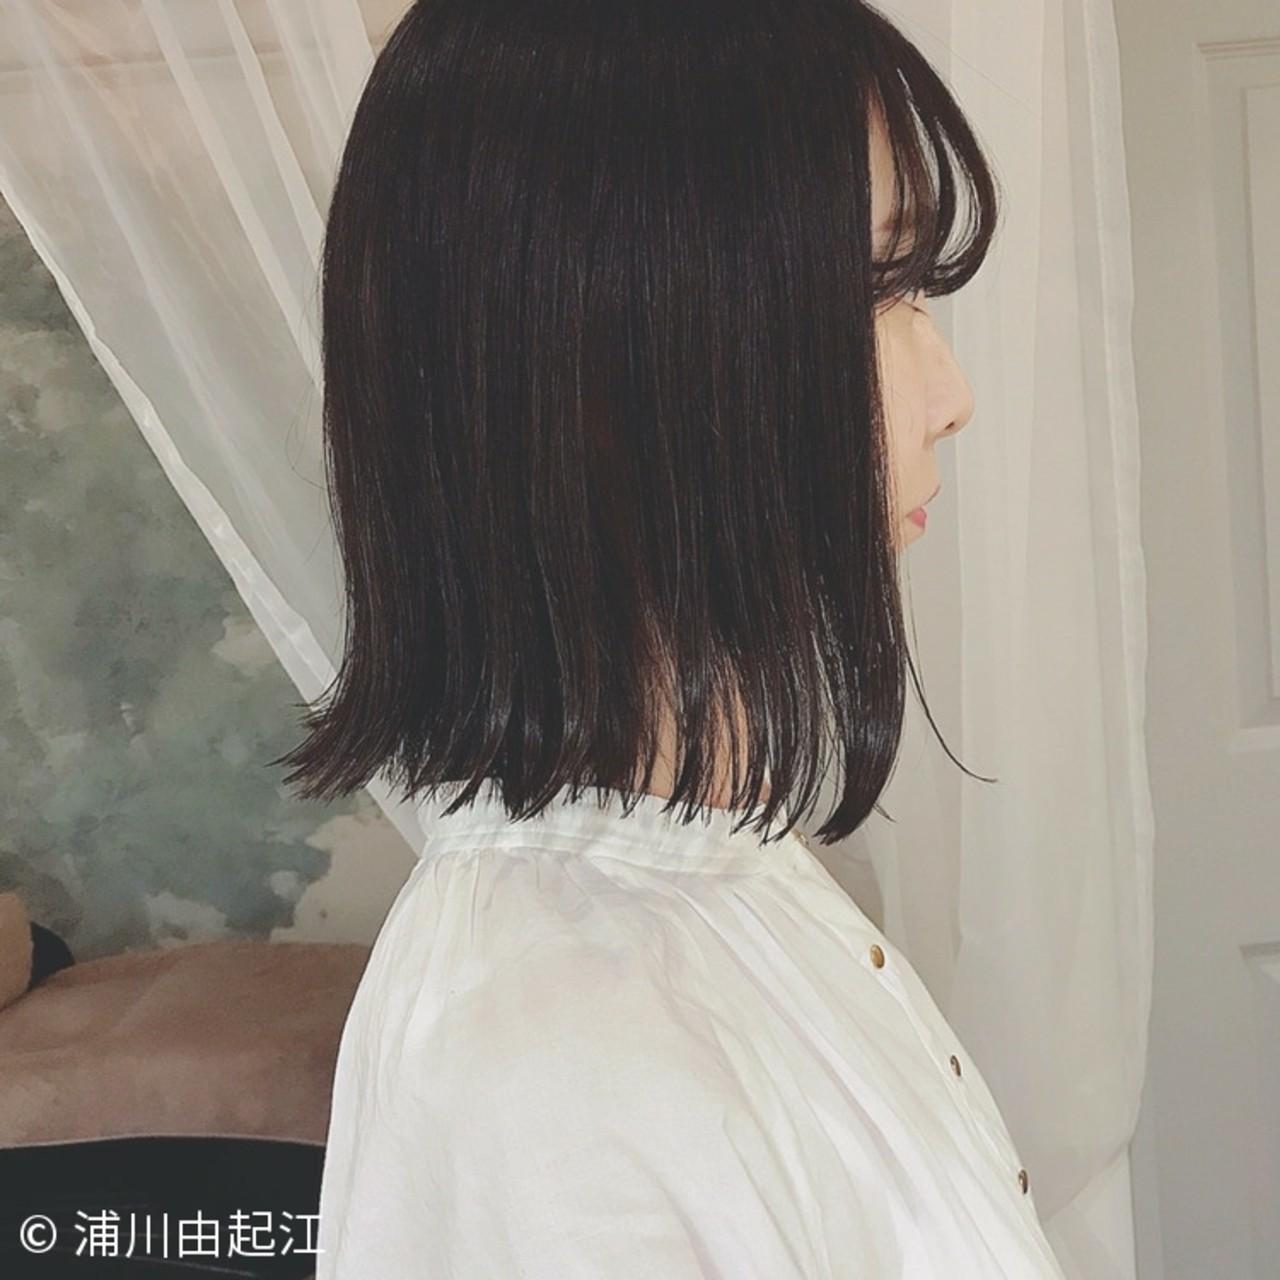 ゆるふわ ナチュラル 大人かわいい 切りっぱなし ヘアスタイルや髪型の写真・画像 | 浦川由起江 / nanon